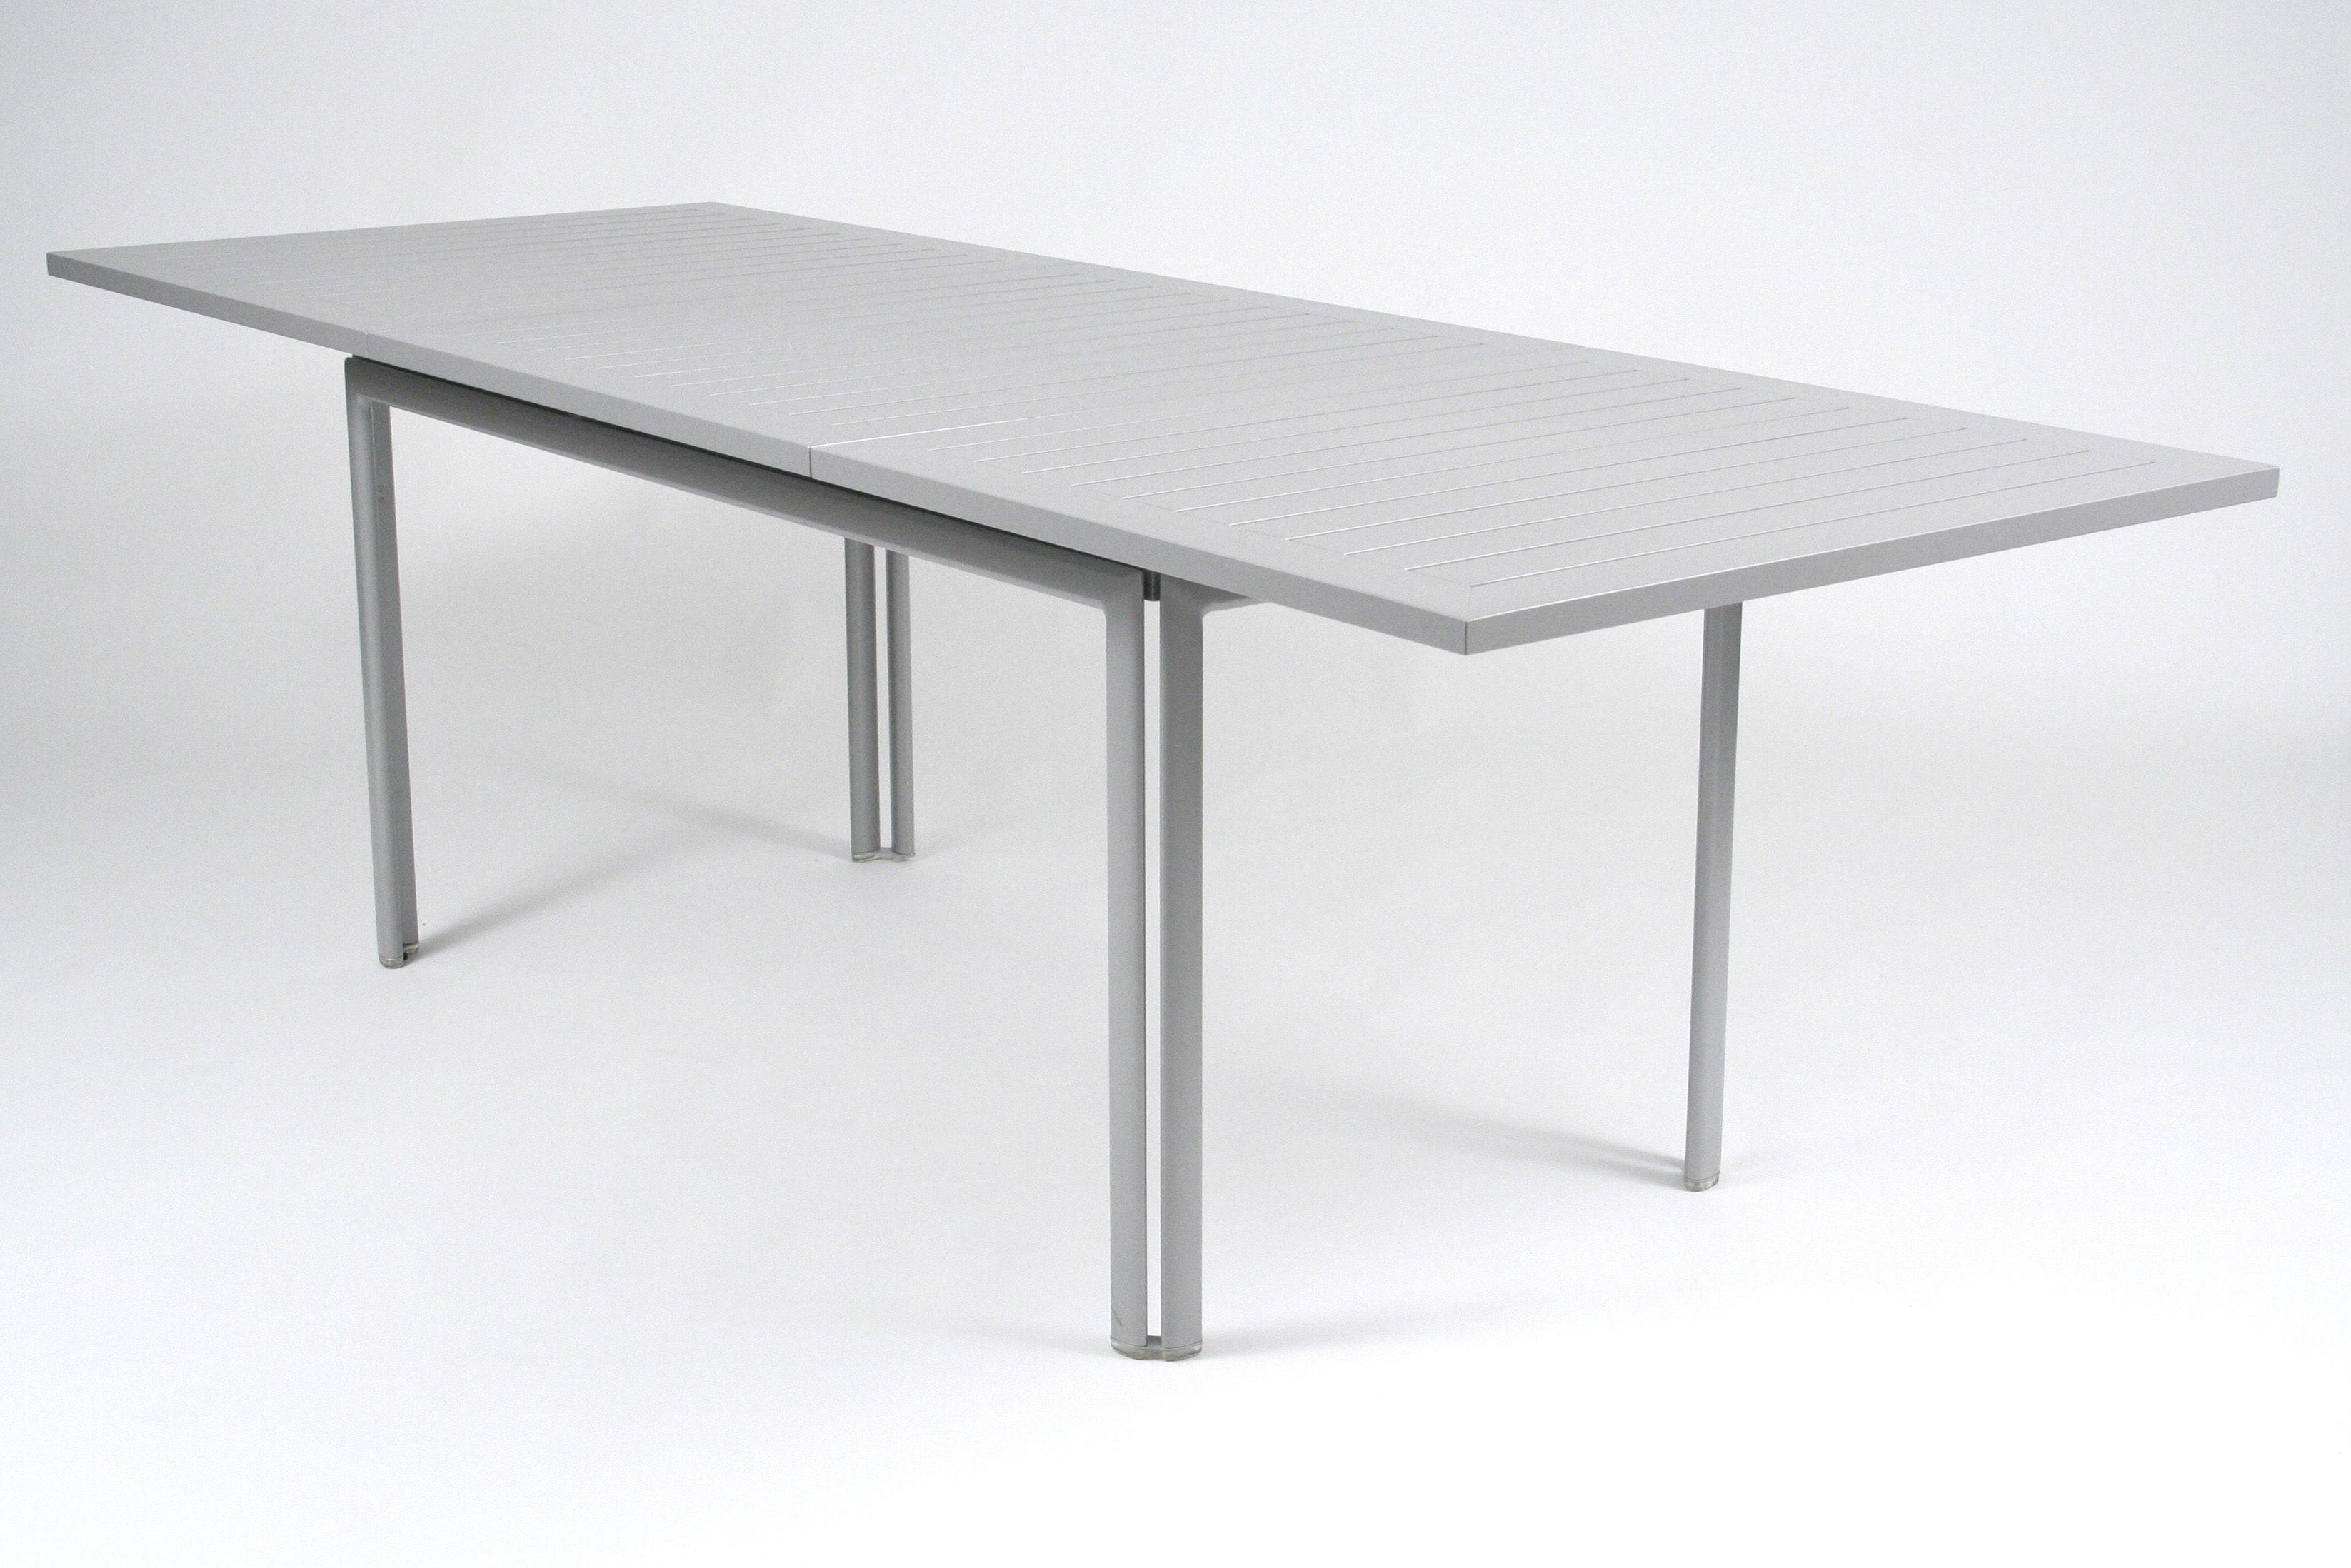 Costa zum ausziehen fermob tisch for Massivholz tische zum ausziehen